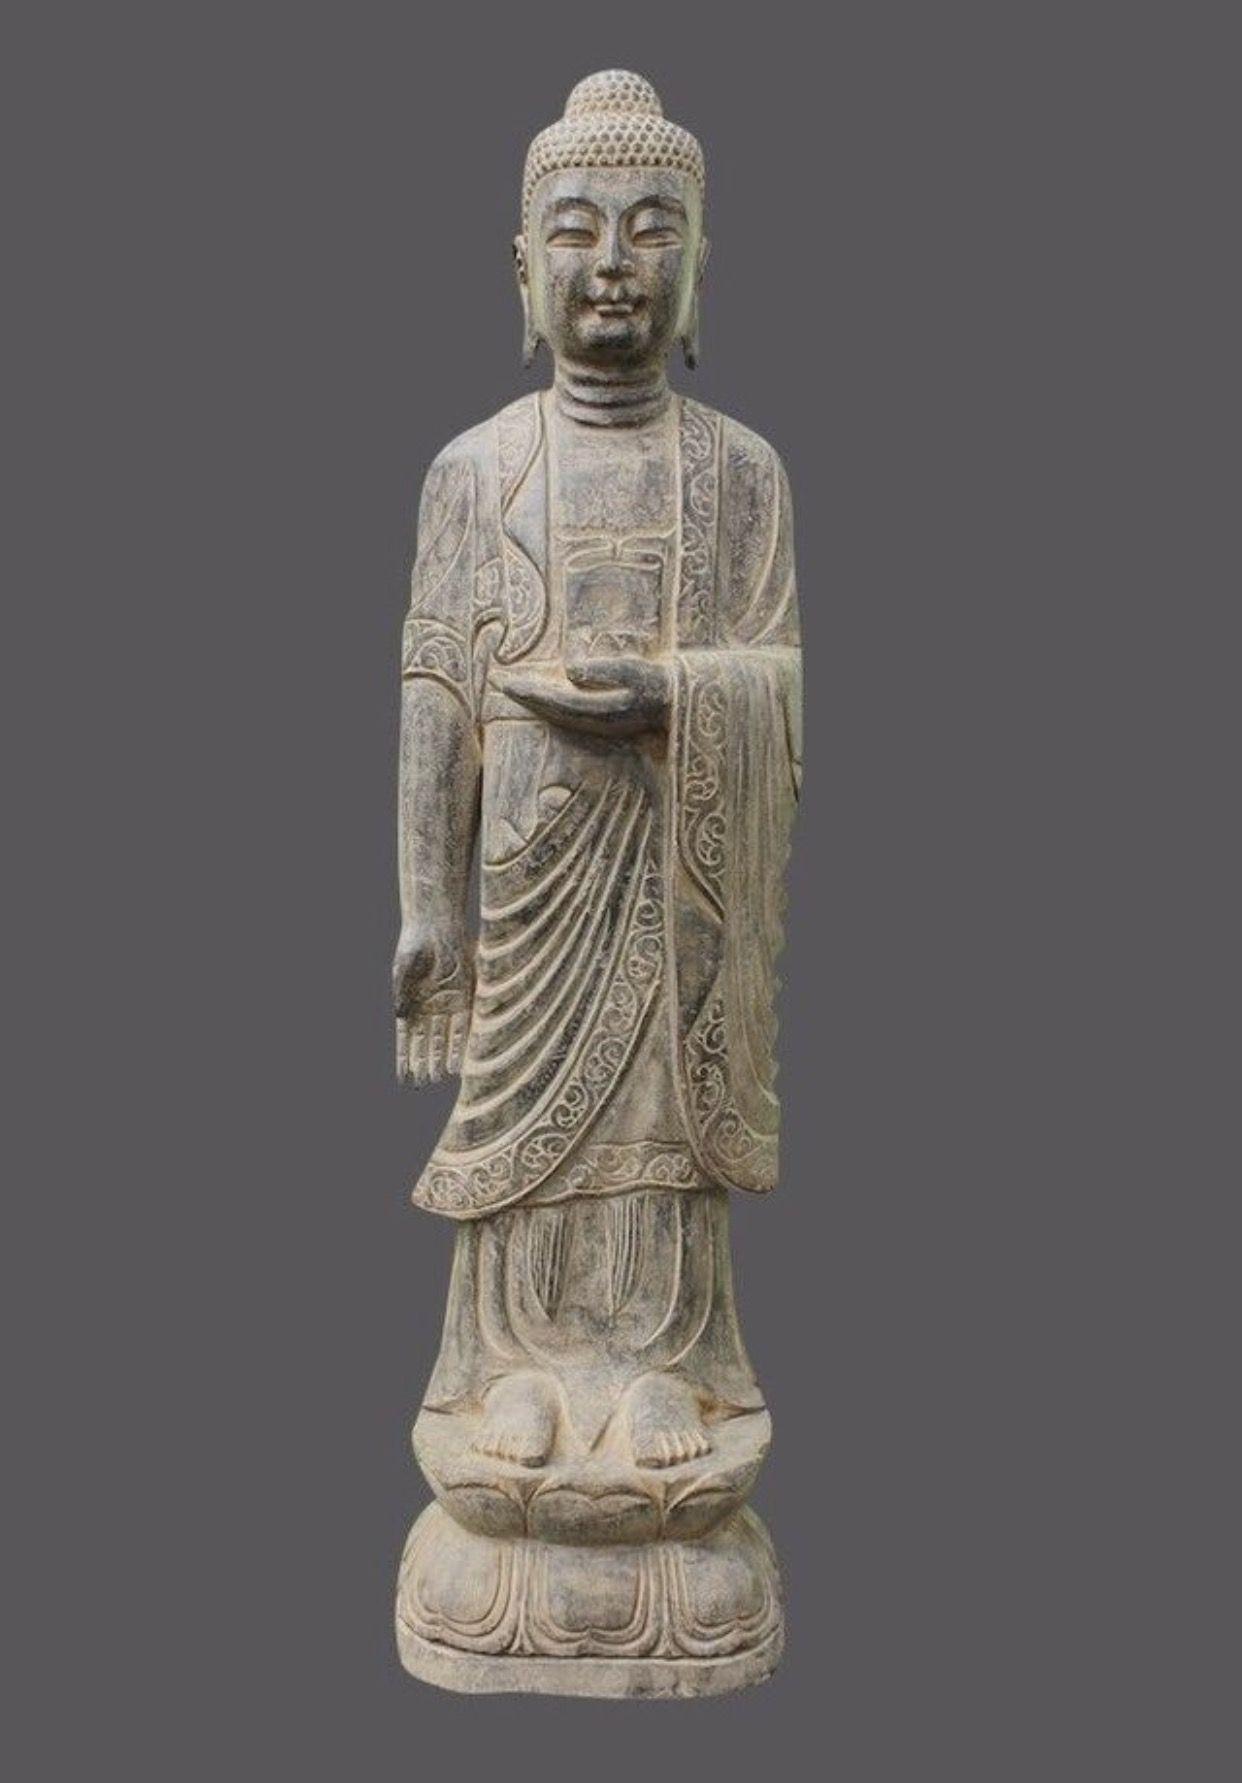 Grosser Garten Buddha Aus Naturstein Asiatischer Garten Buddha Figur Buddha Buddha Statuen